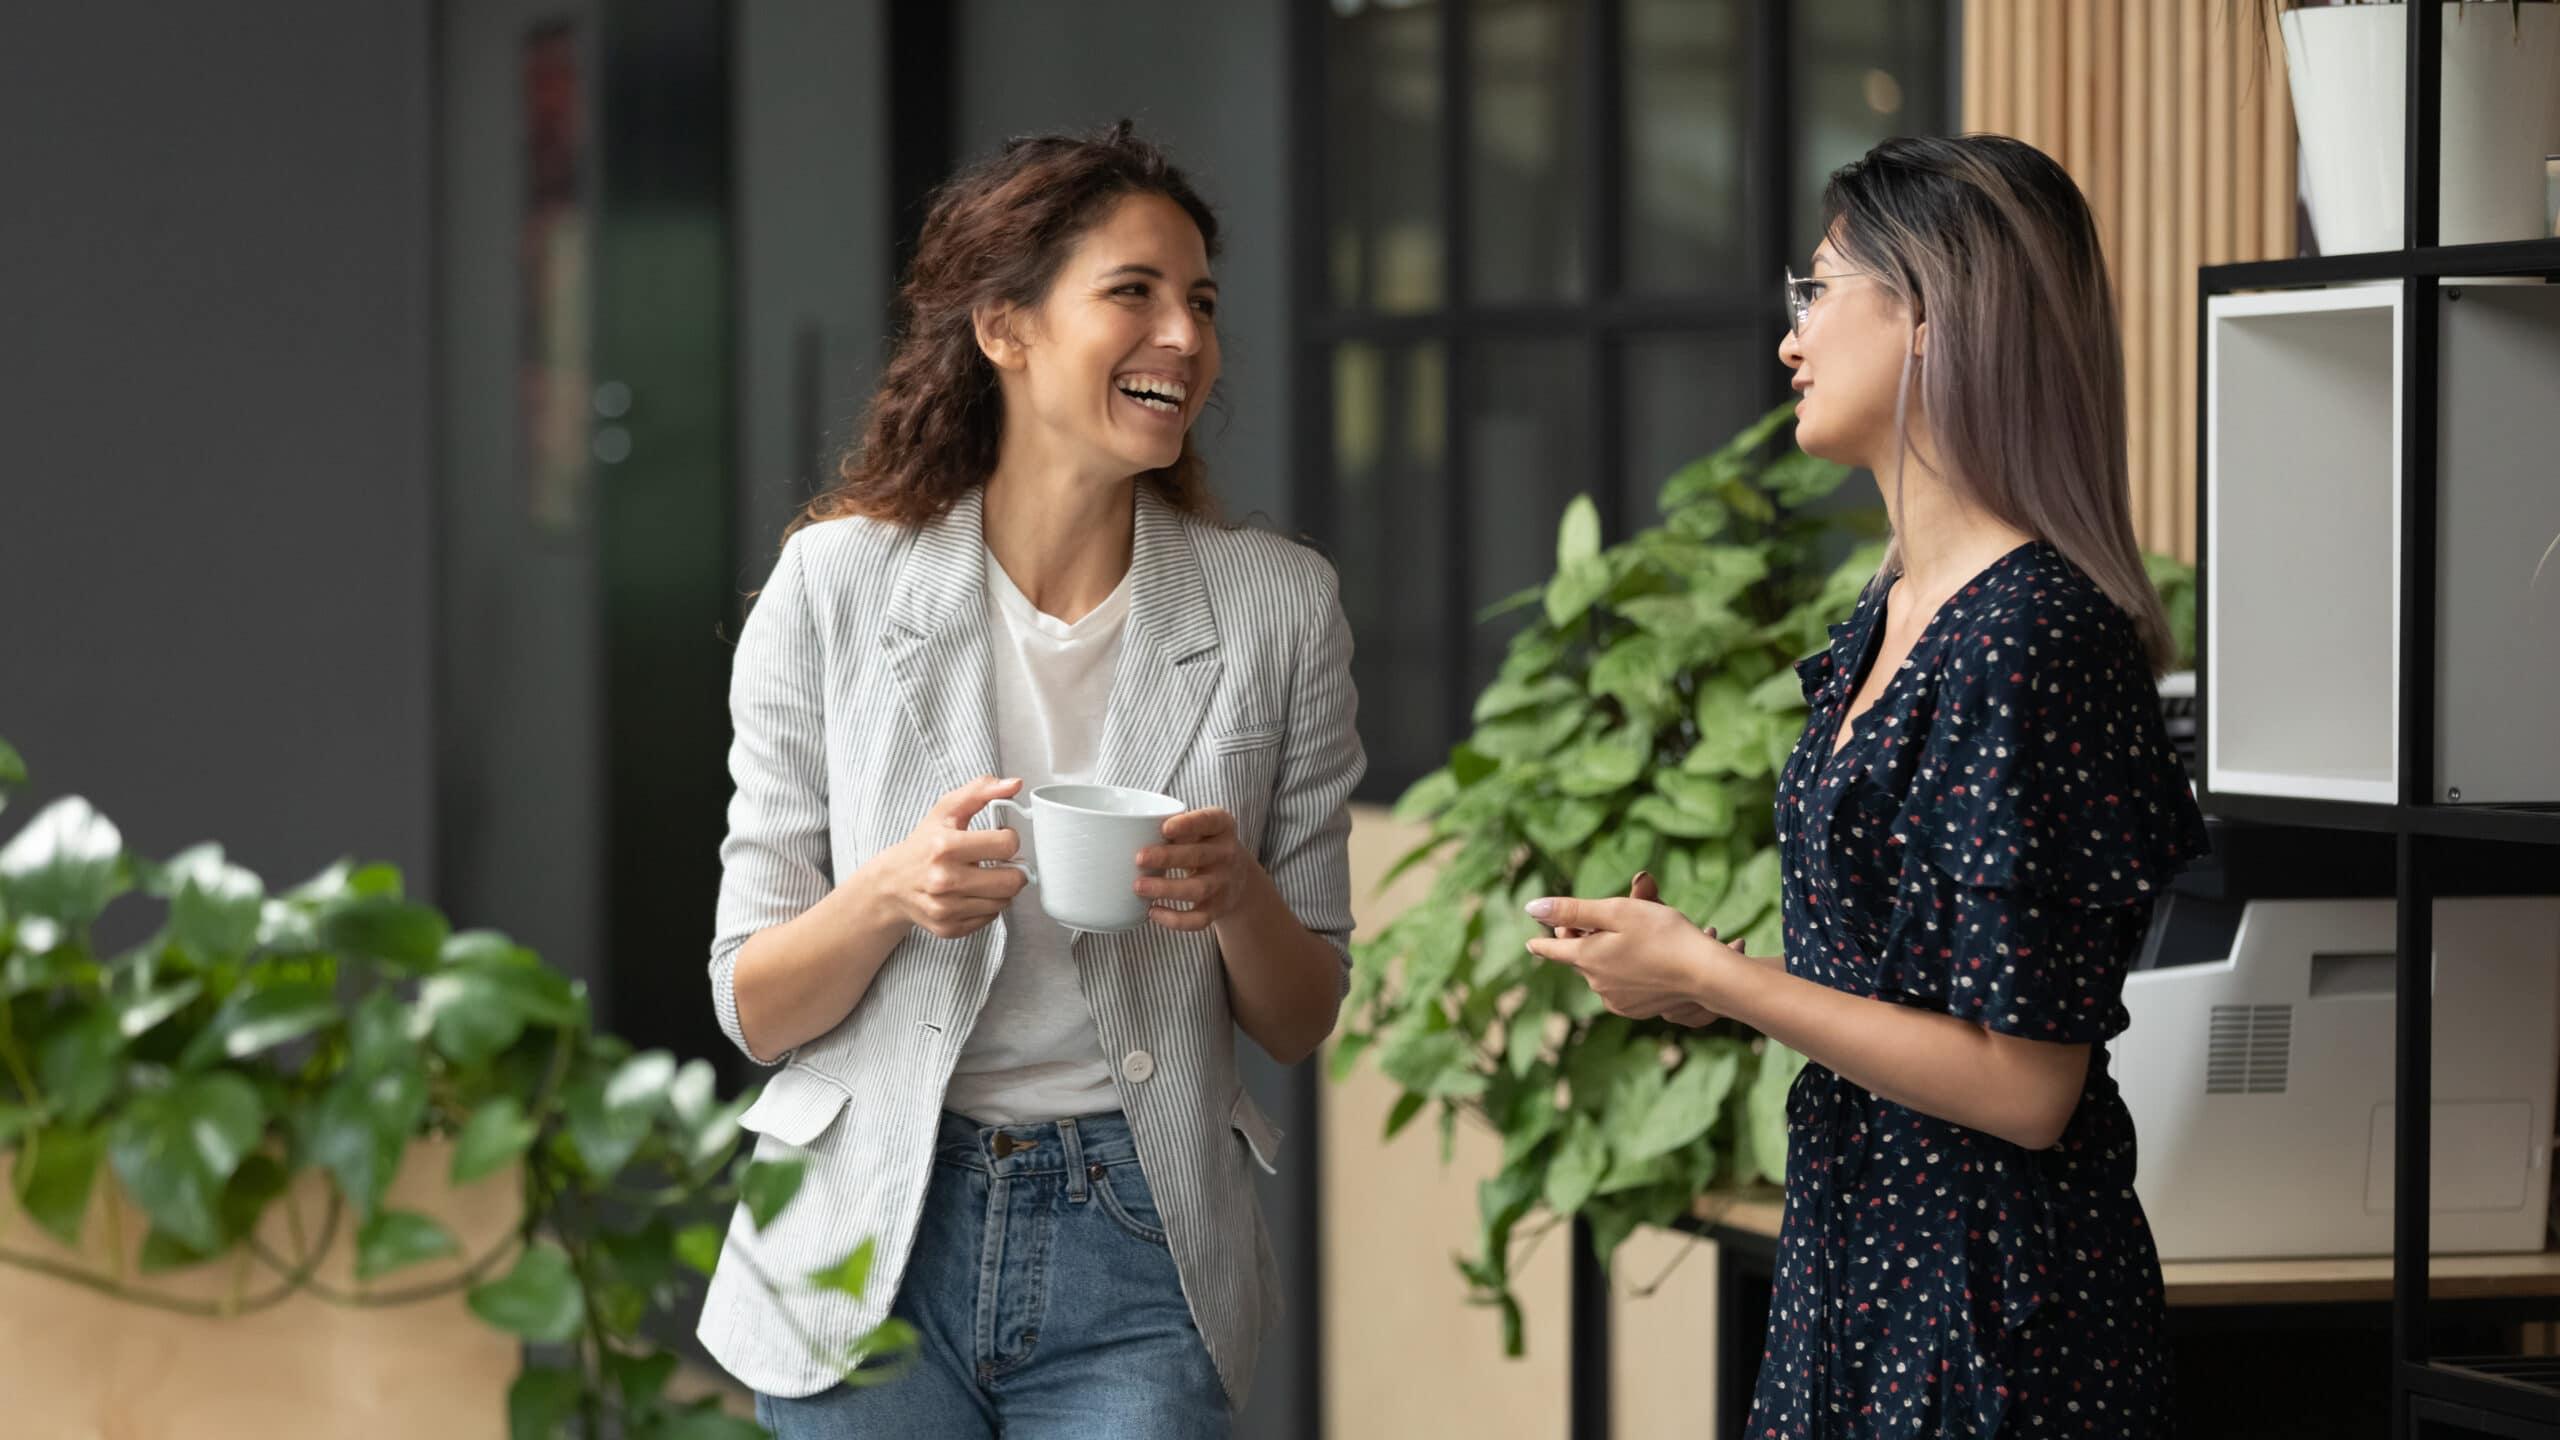 Työhaastattelukysymykset. Kaksi naista juttelee työpaikalla.